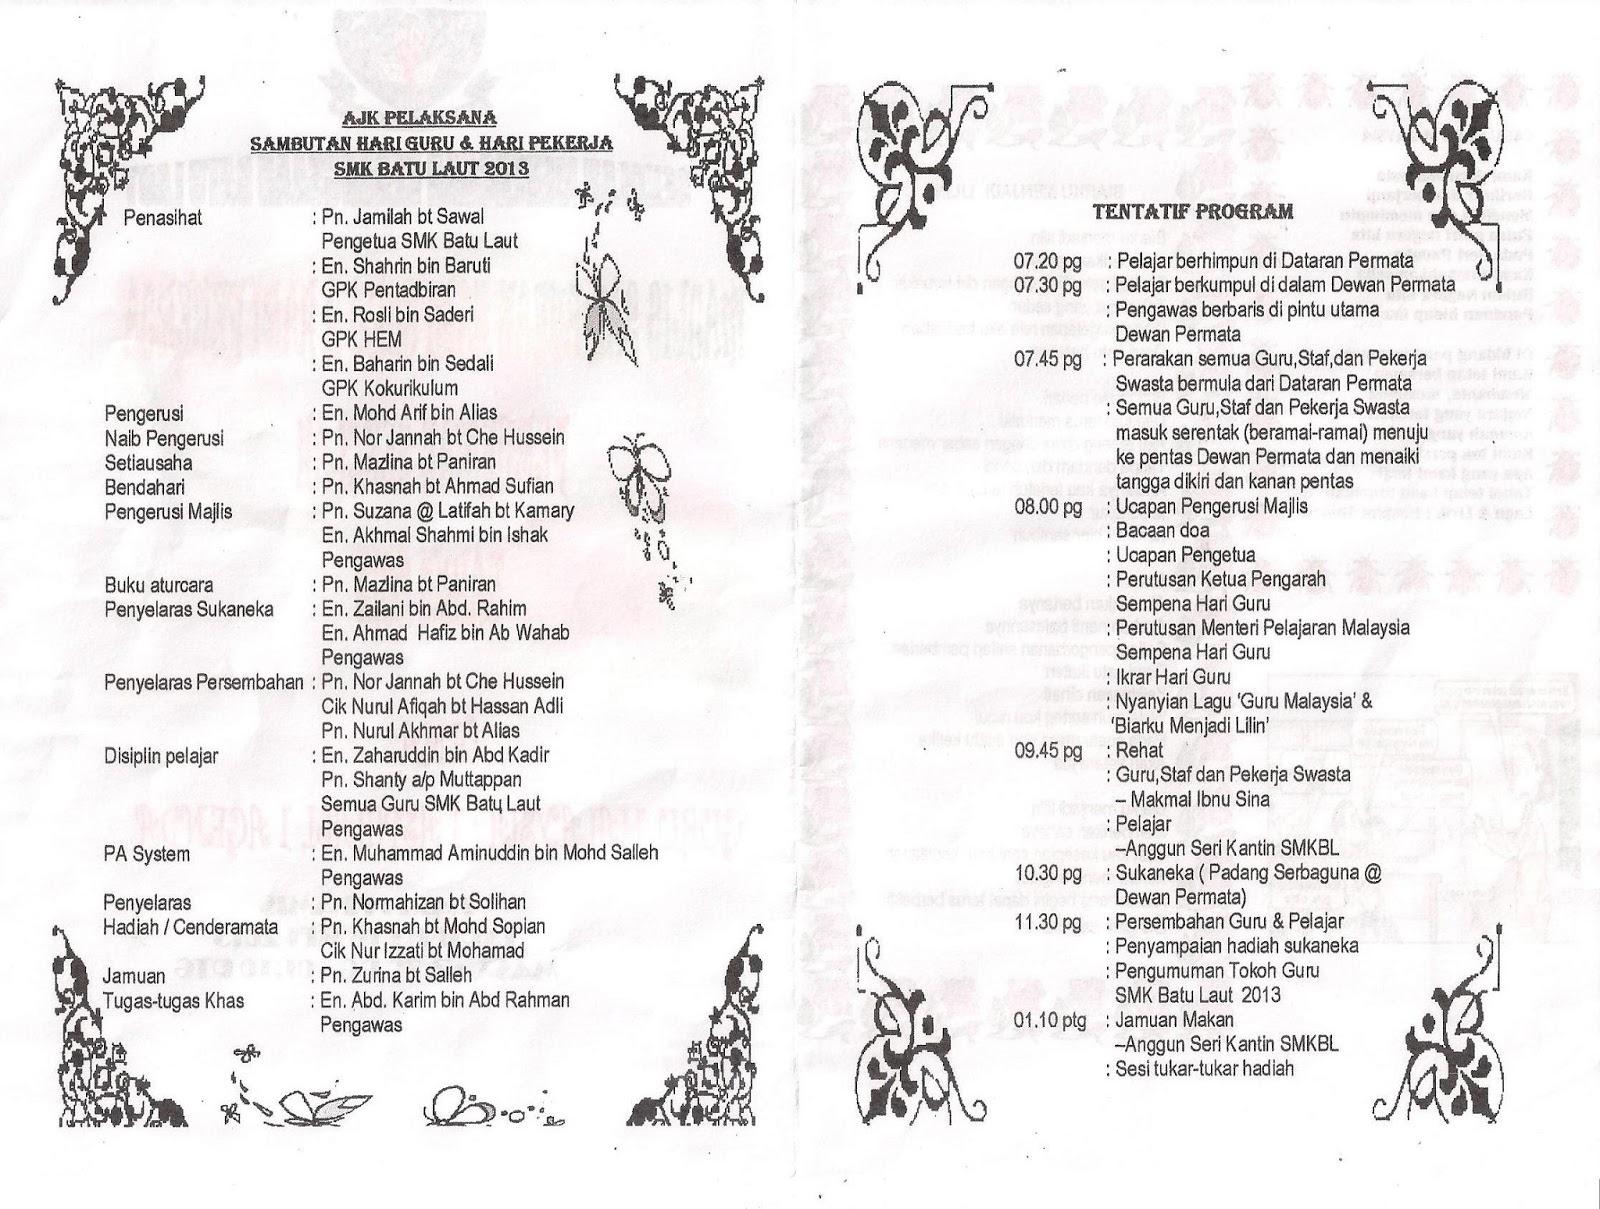 Smk Batu Laut Tanjong Sepat Kuala Langat Selangor